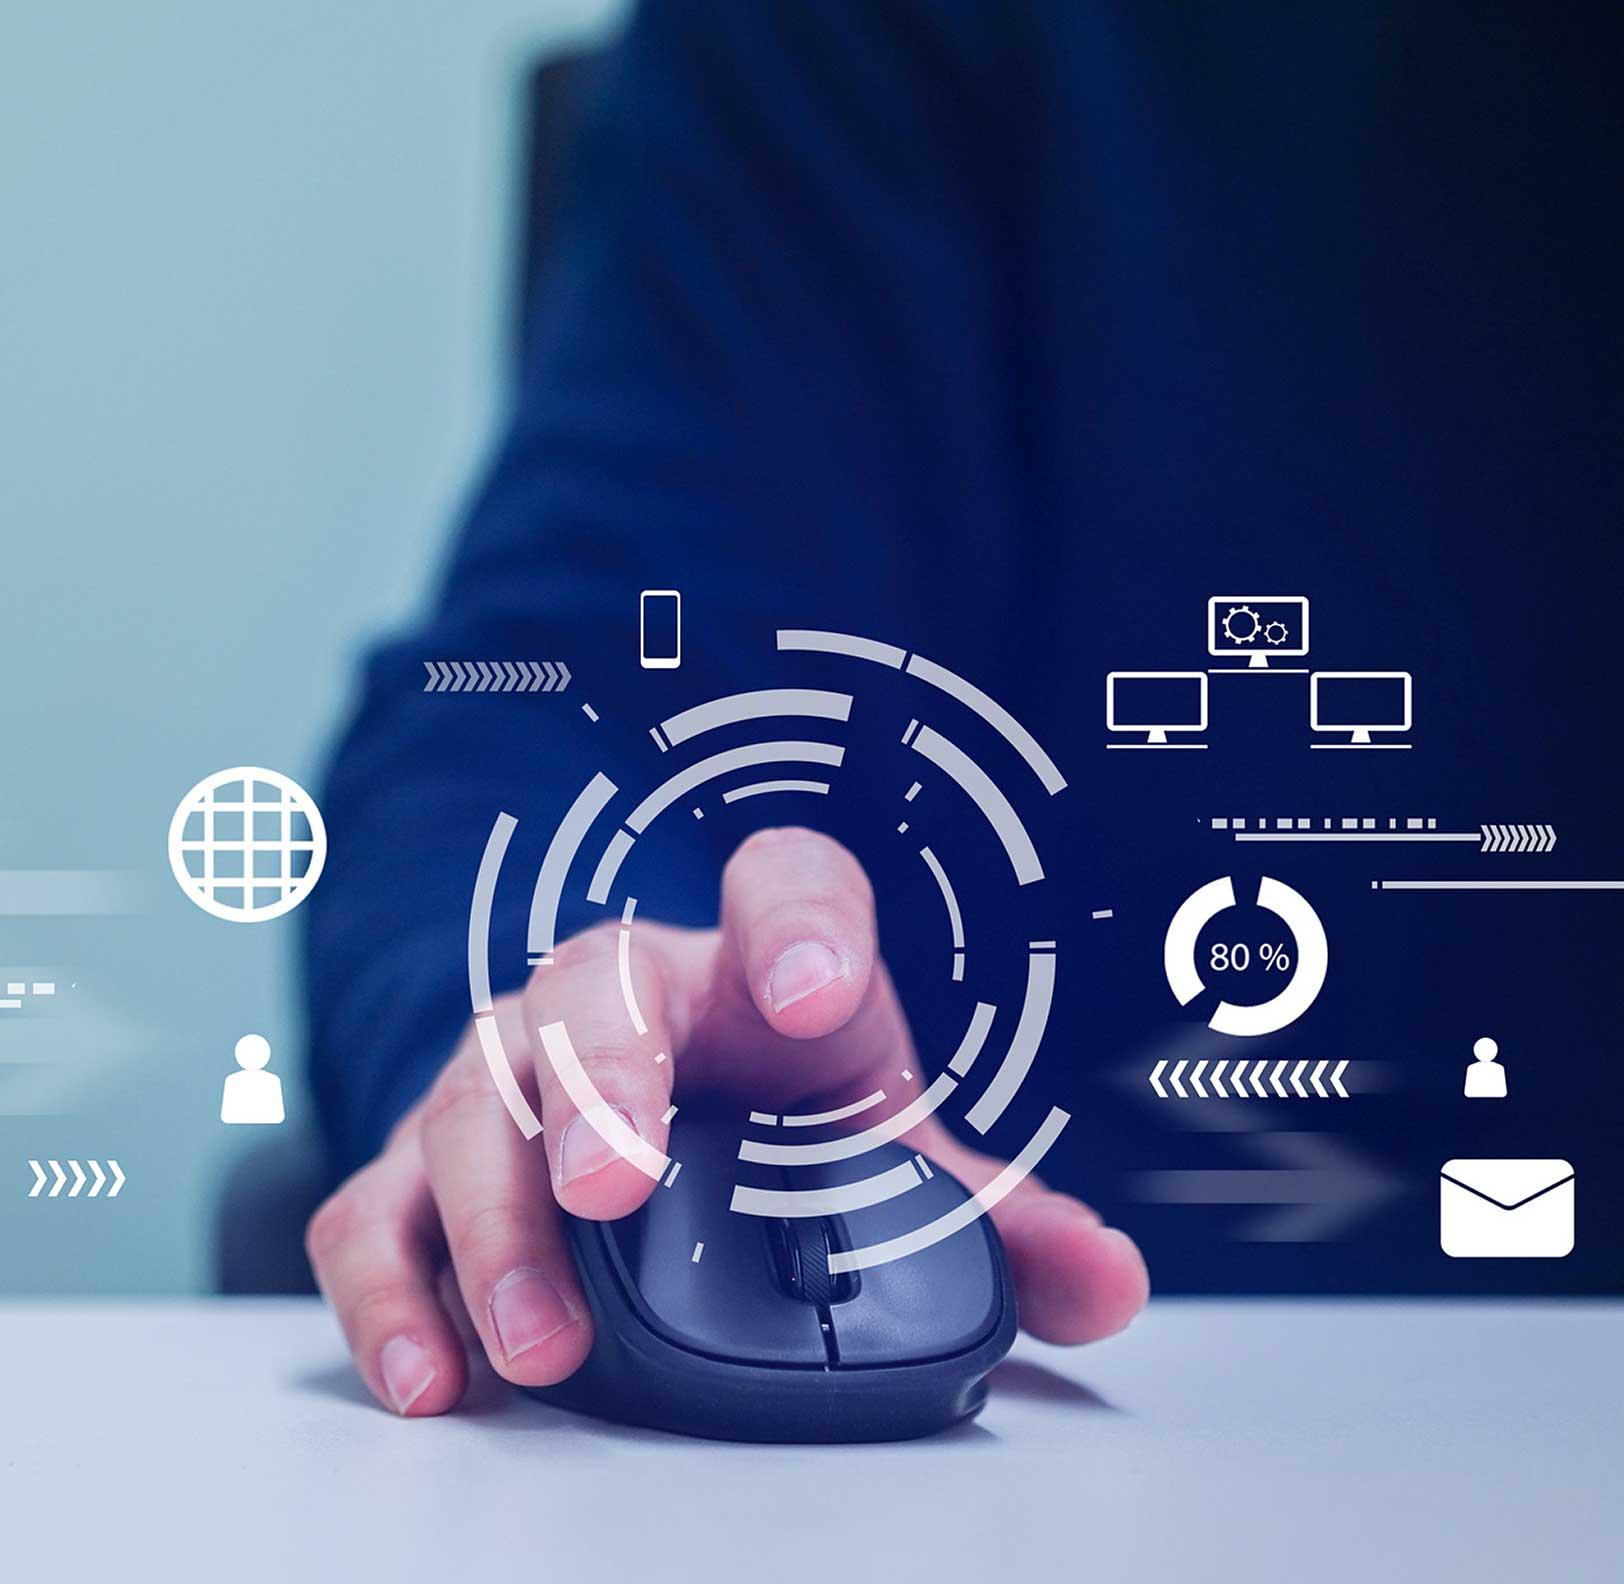 Cybersécurité ou les enjeux d'une souveraineté numérique